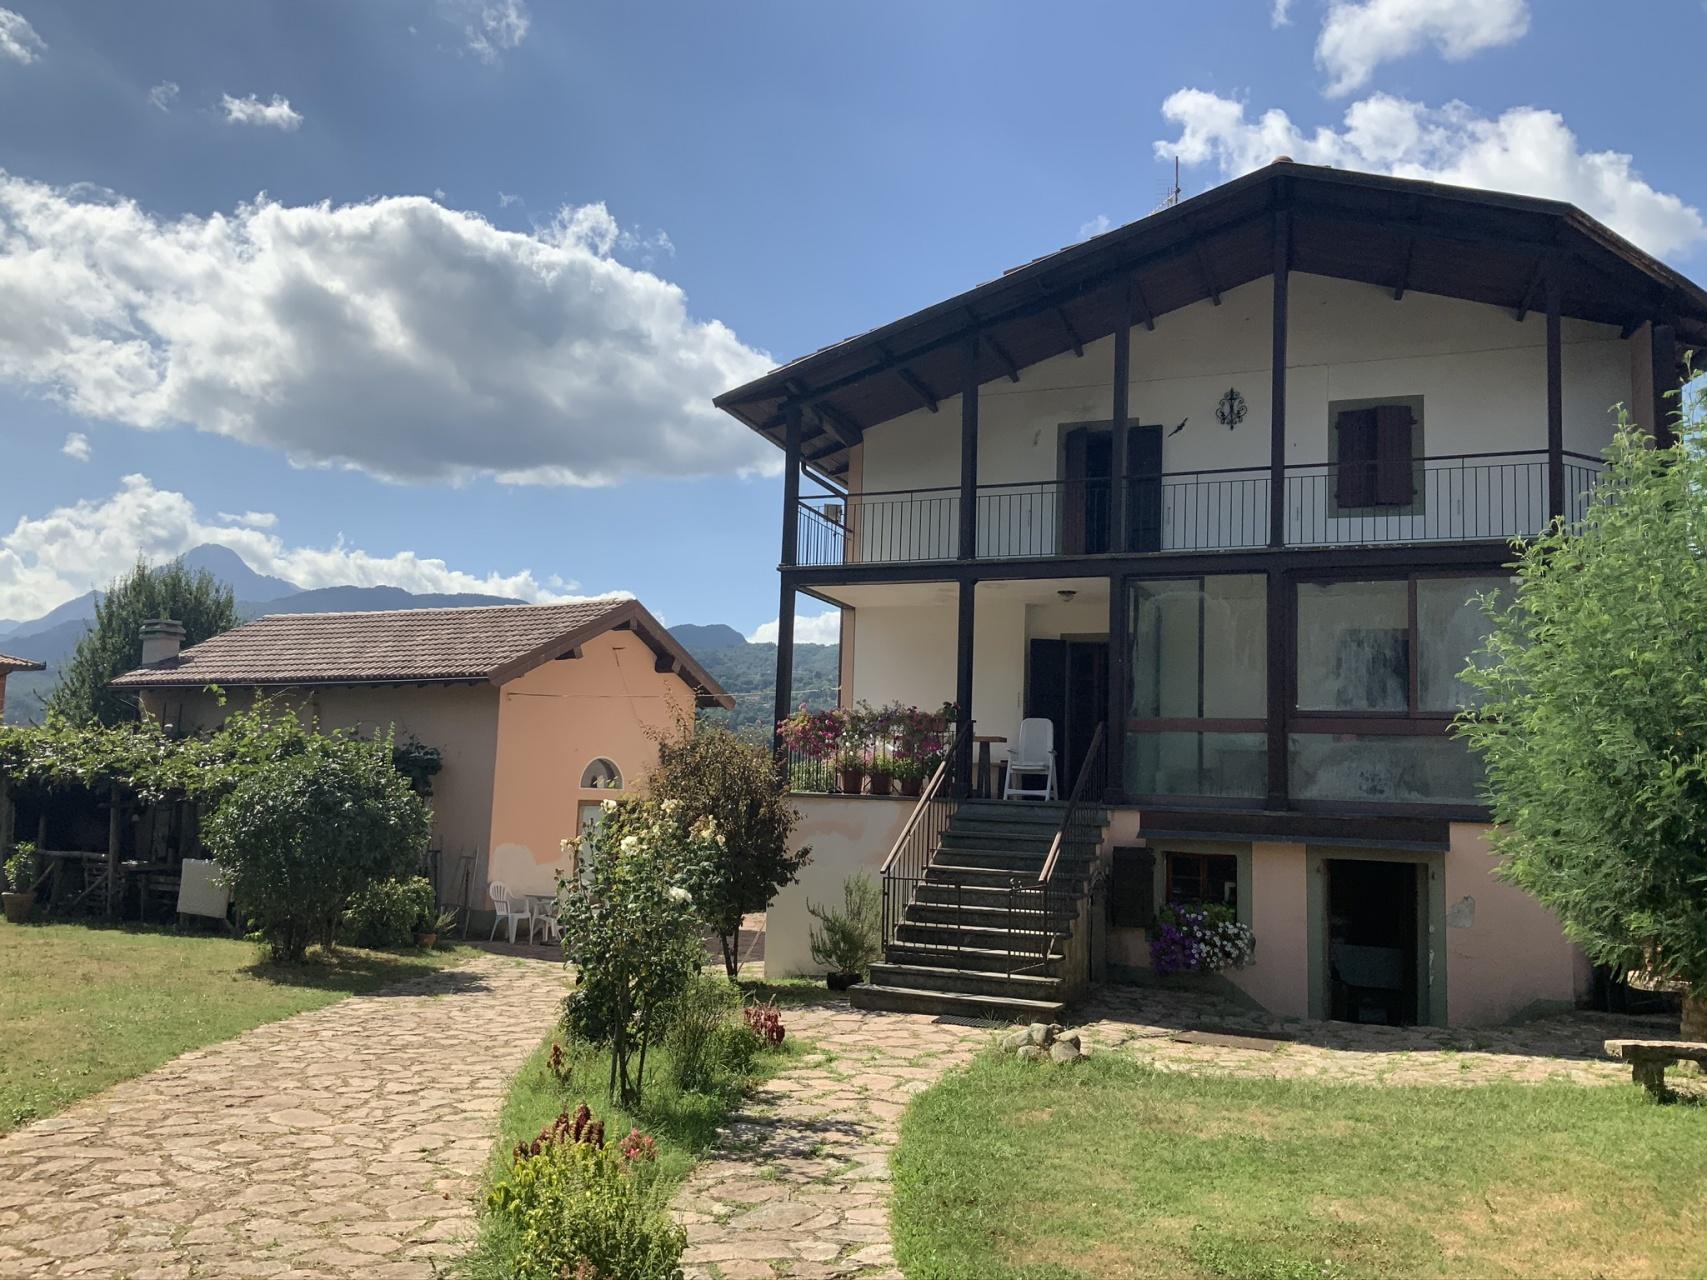 foto Casa indipendente con giardino e studio creativo, Barga, Lucca